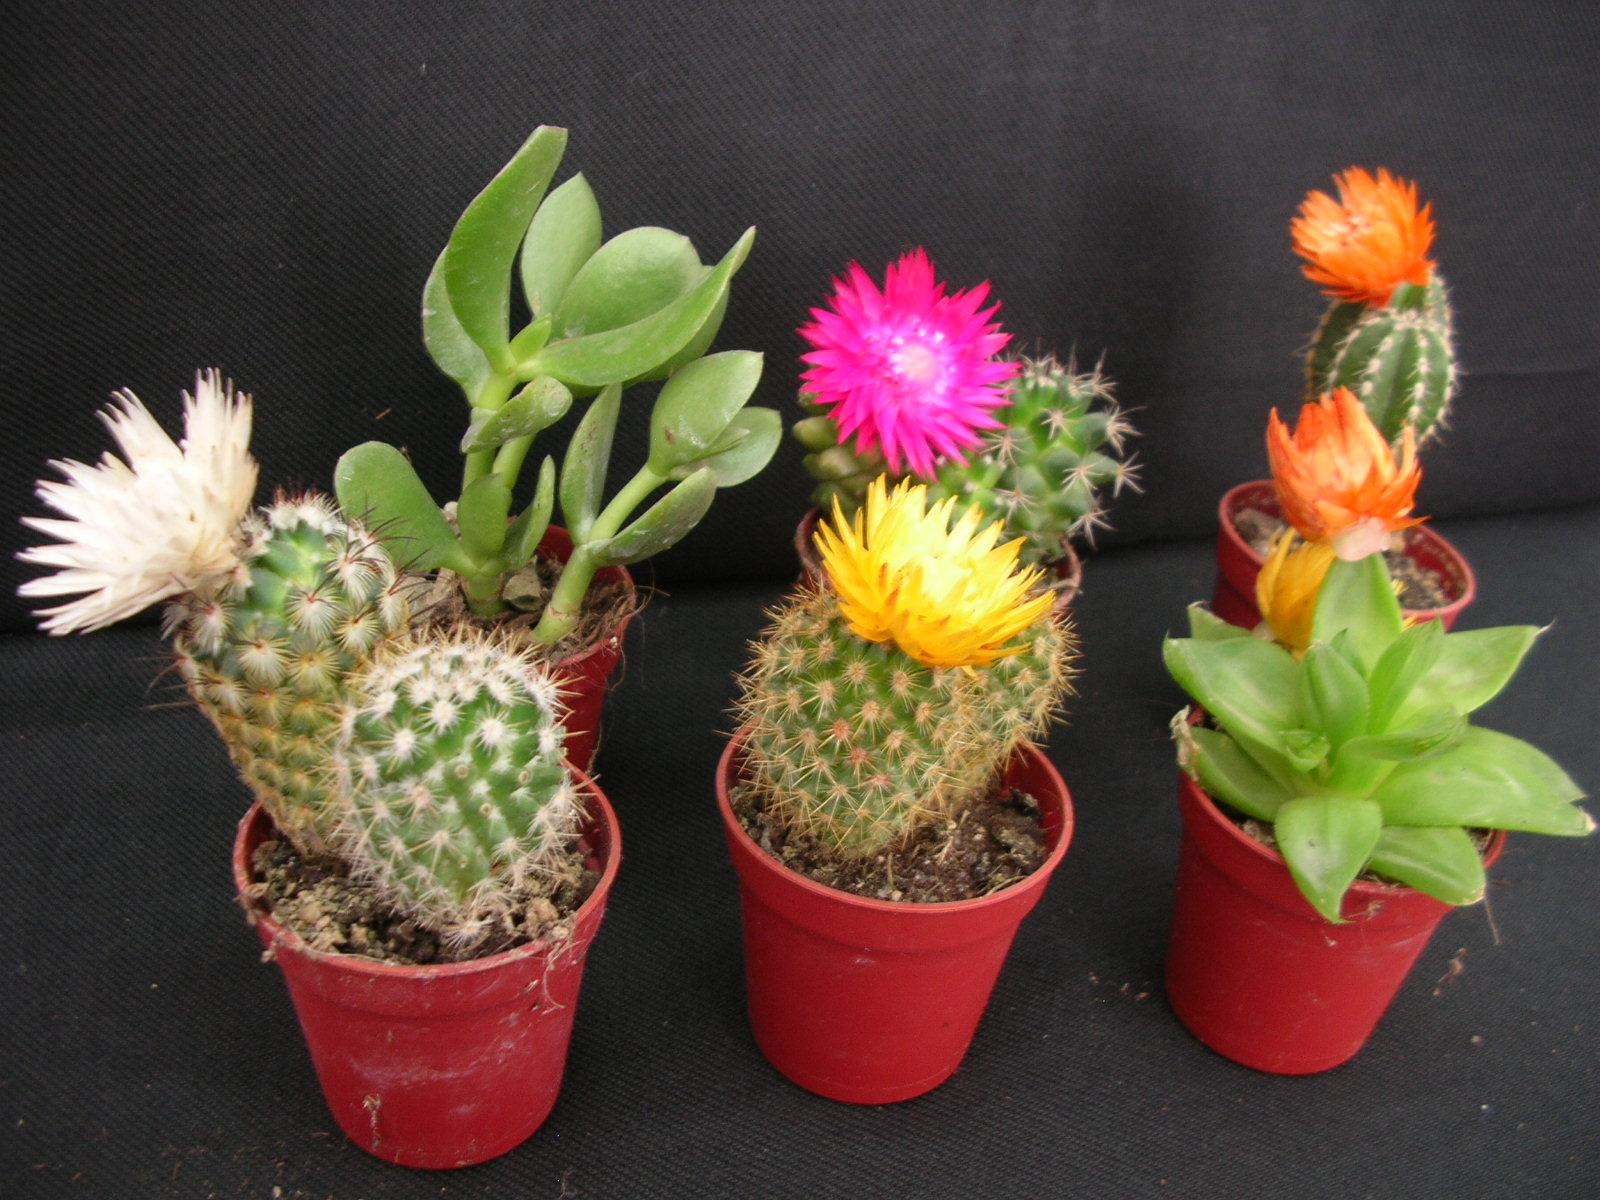 Cactus cuidados y mantenimiento plantas flor de planta for Cactus cuidados exterior